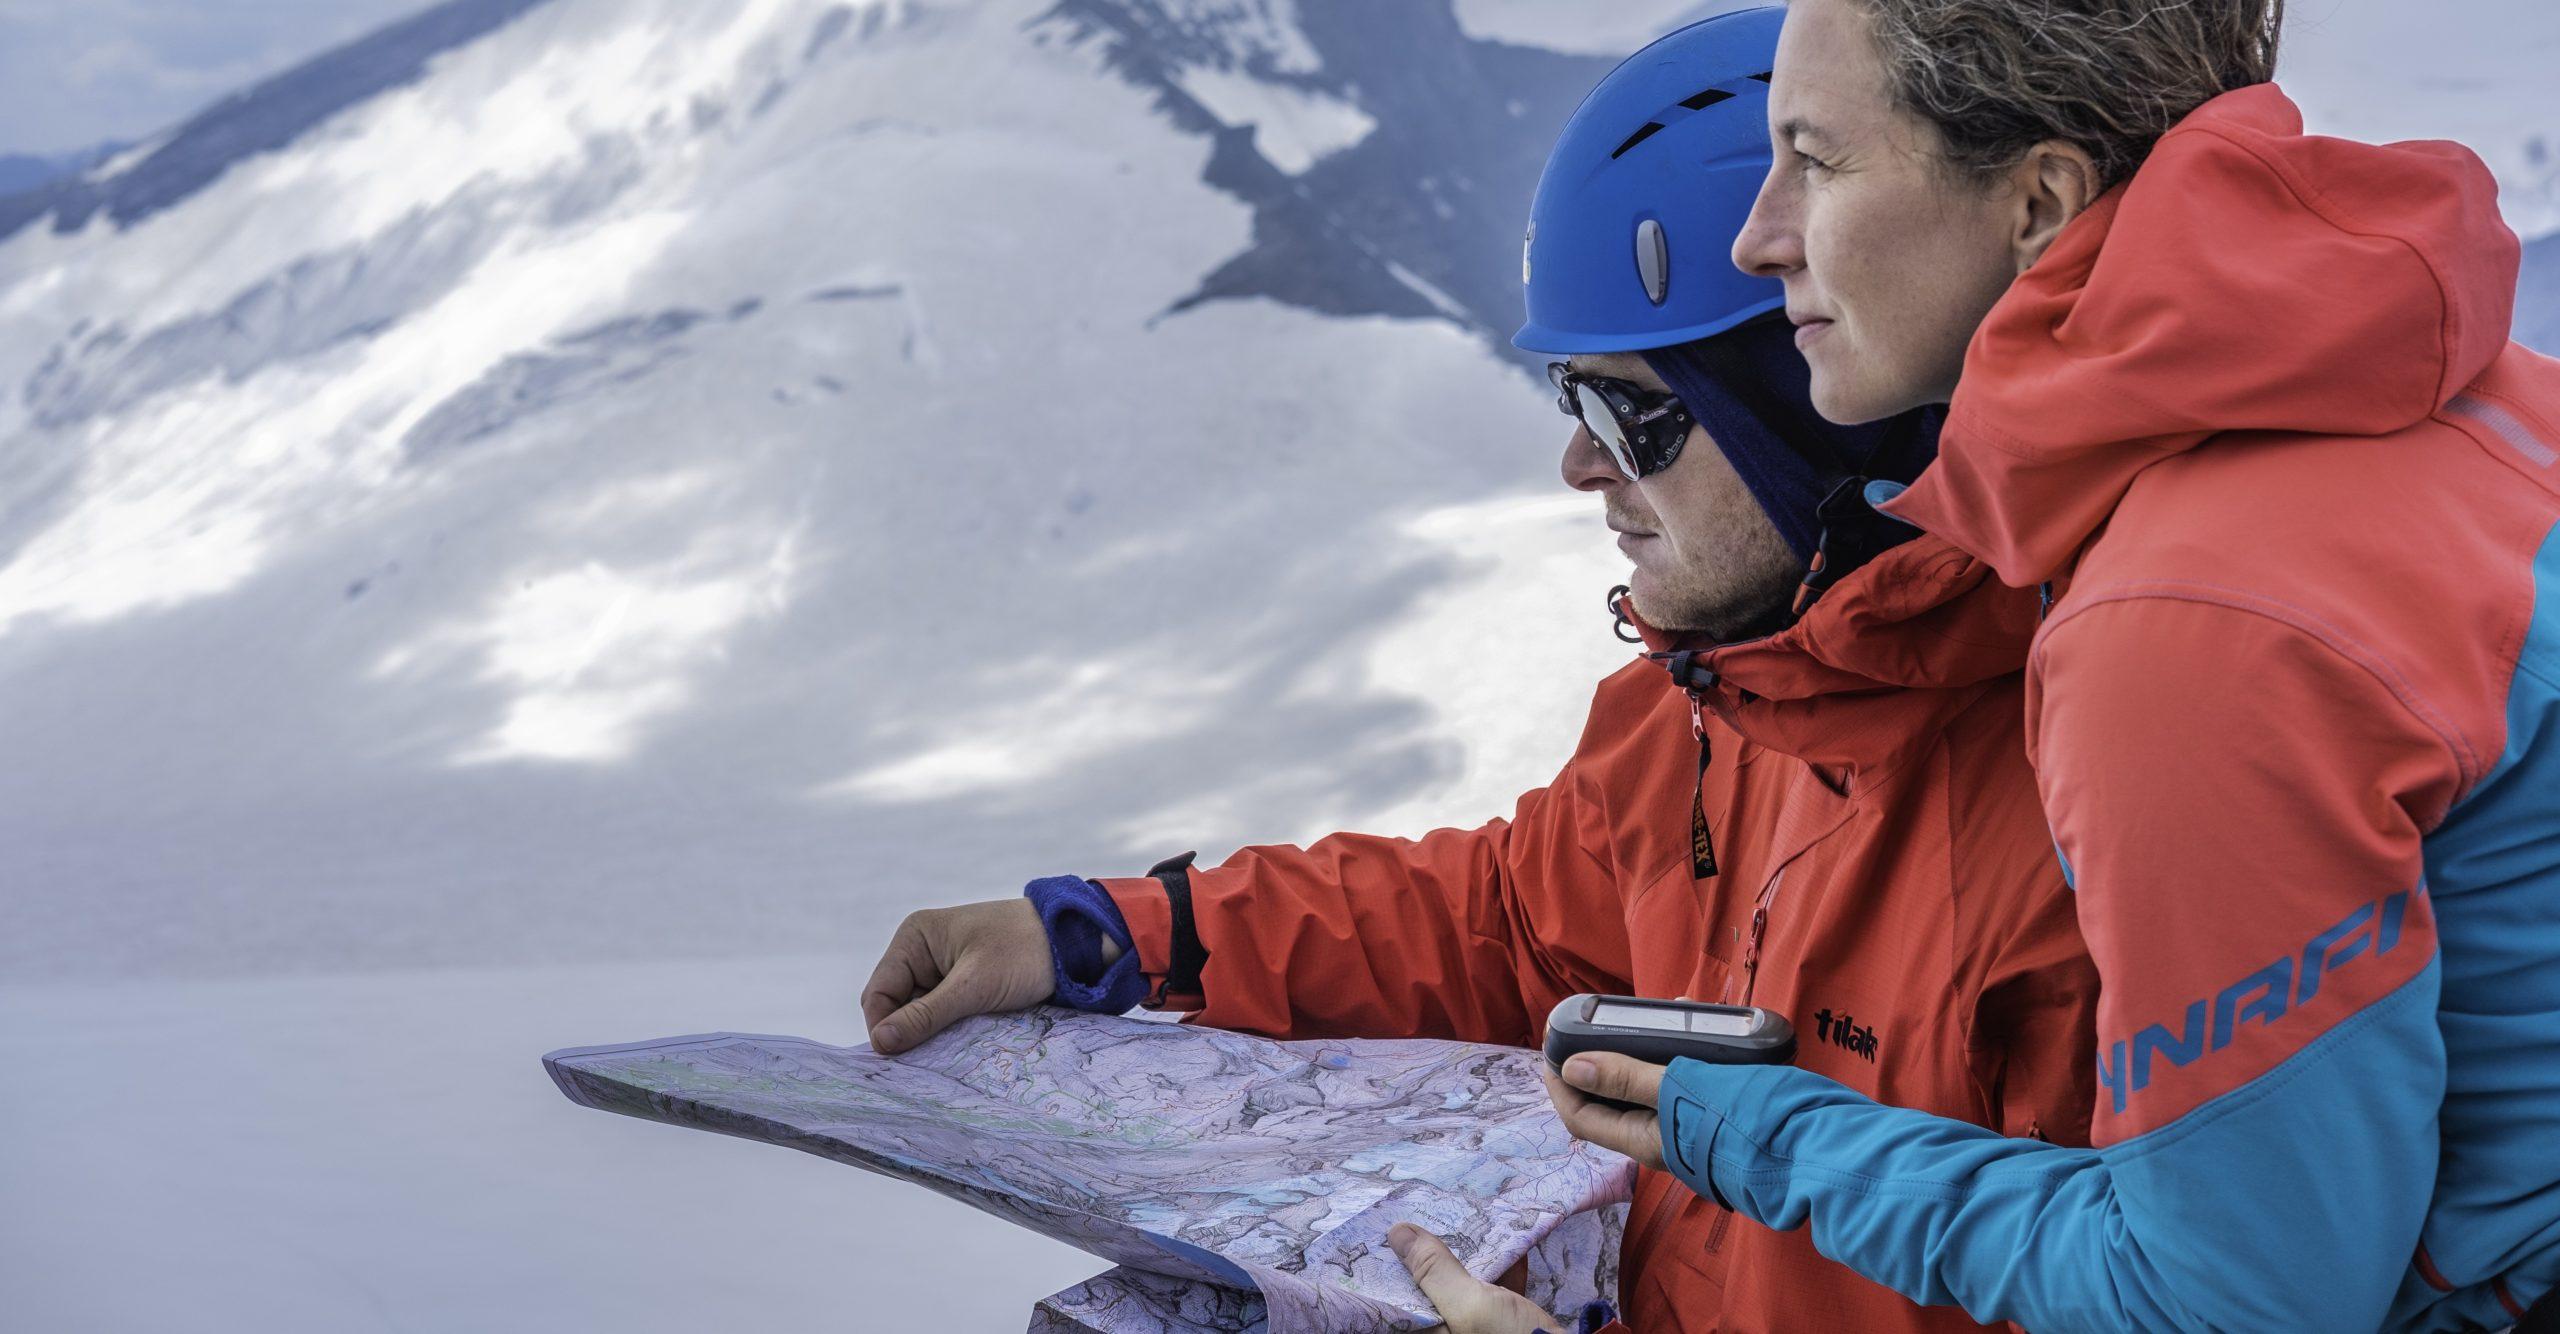 Horský souboj: mobil vs GPS